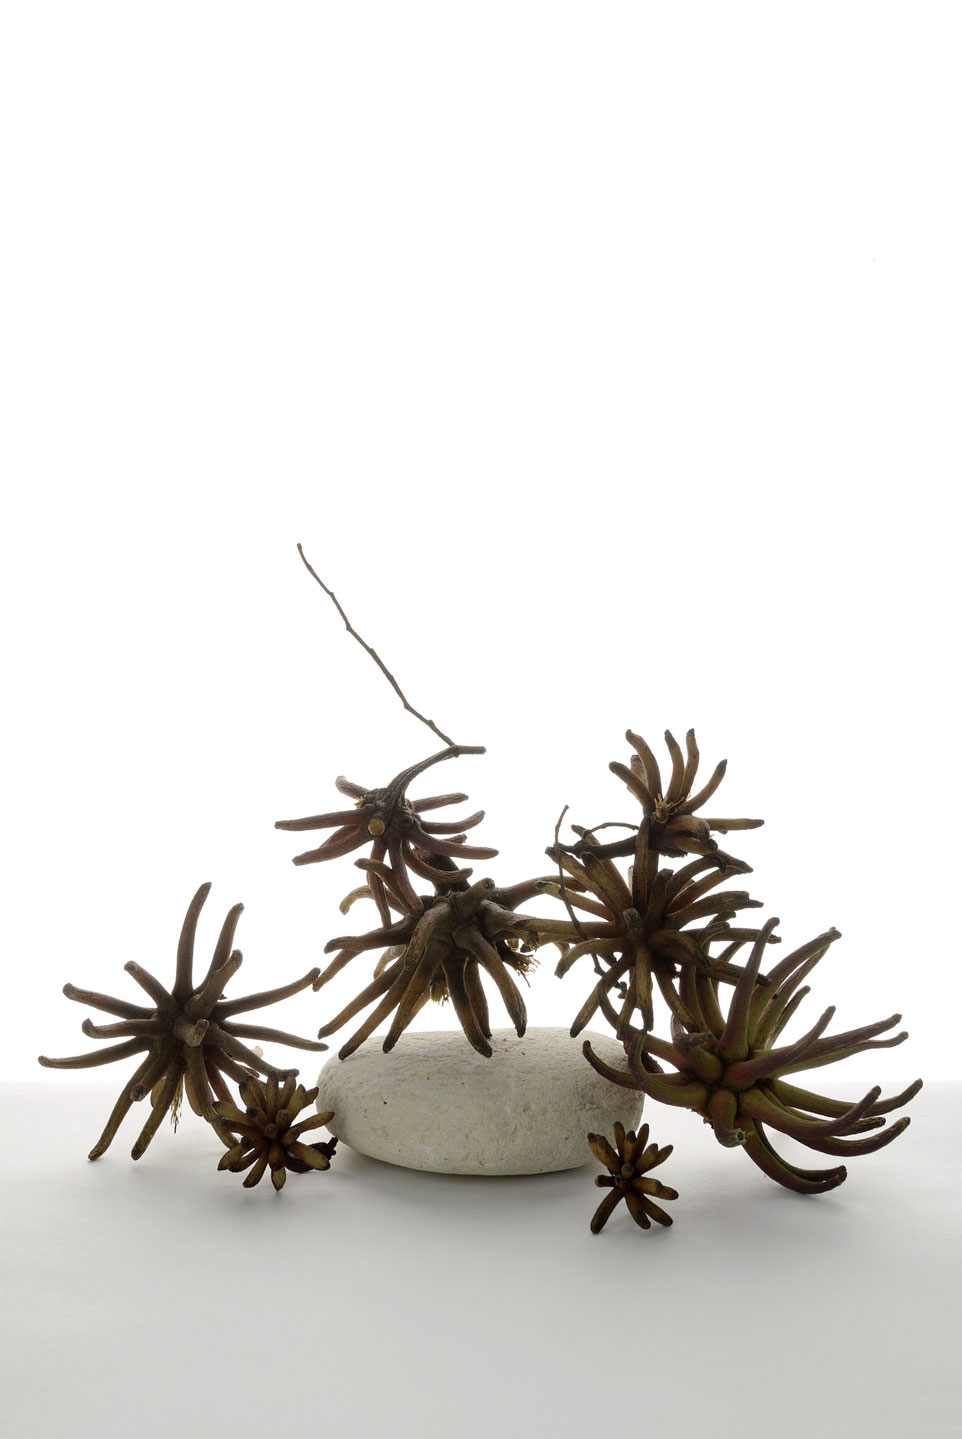 Veit-EucalyptusPods-web.jpg